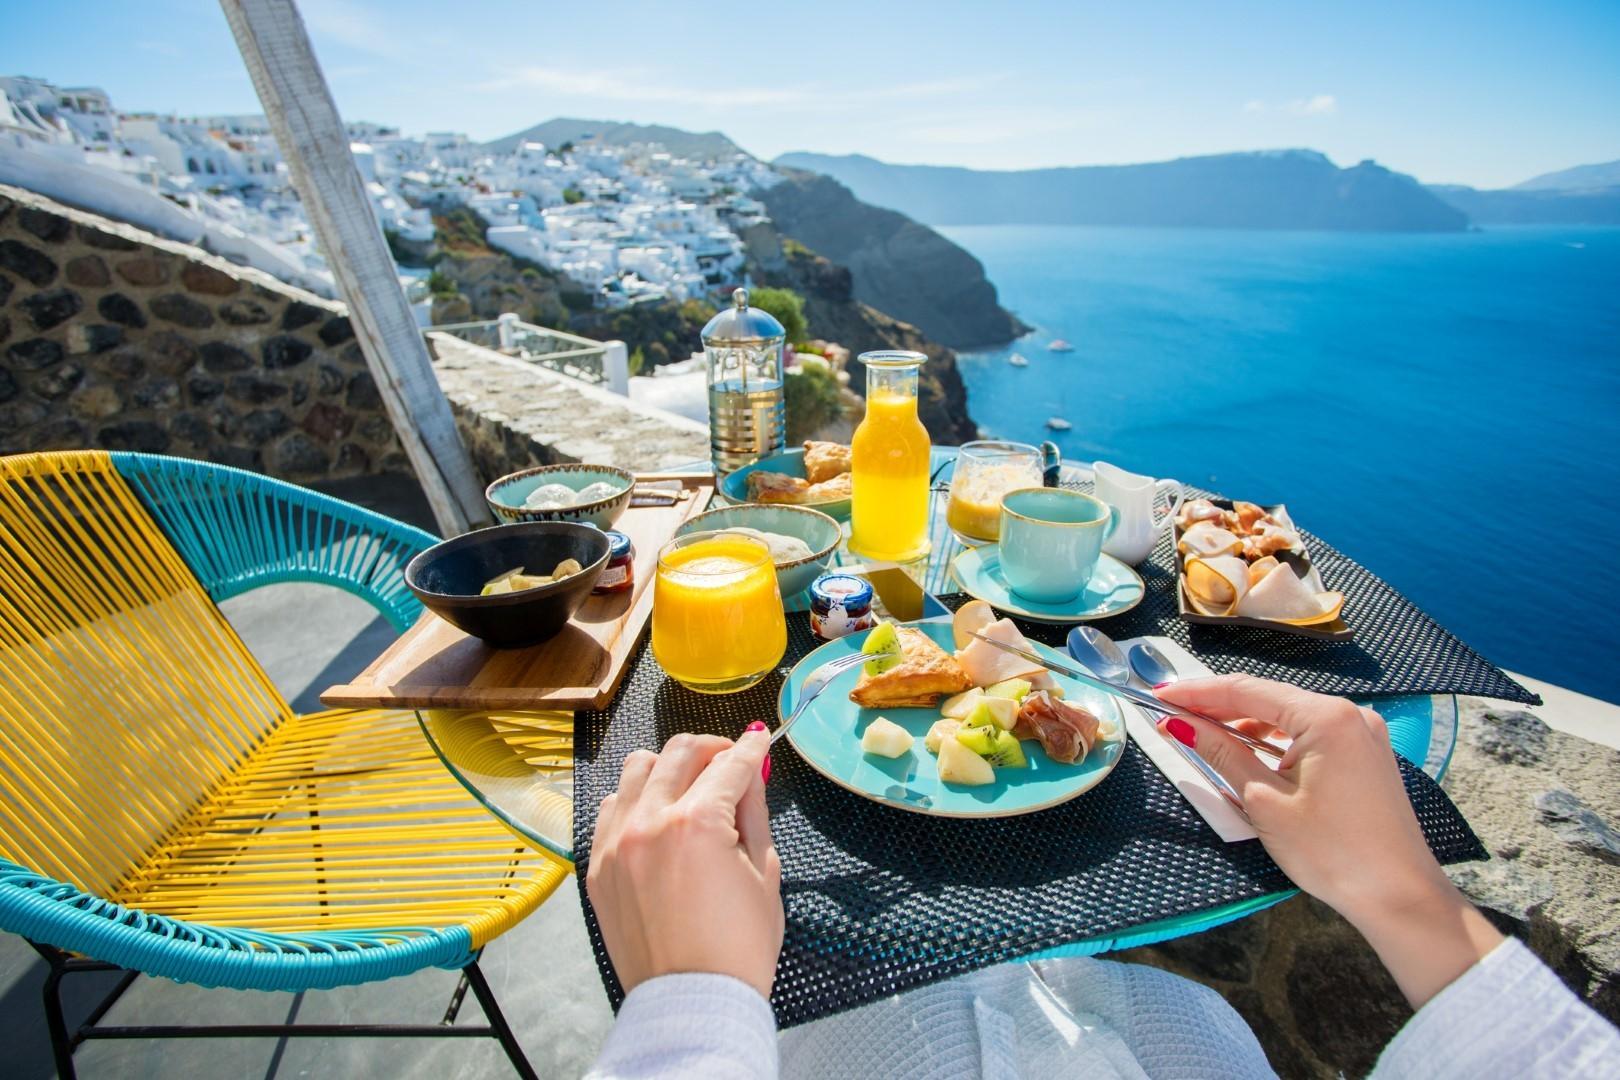 Gastronomia: tutti d accordo, in Umbria è meglio